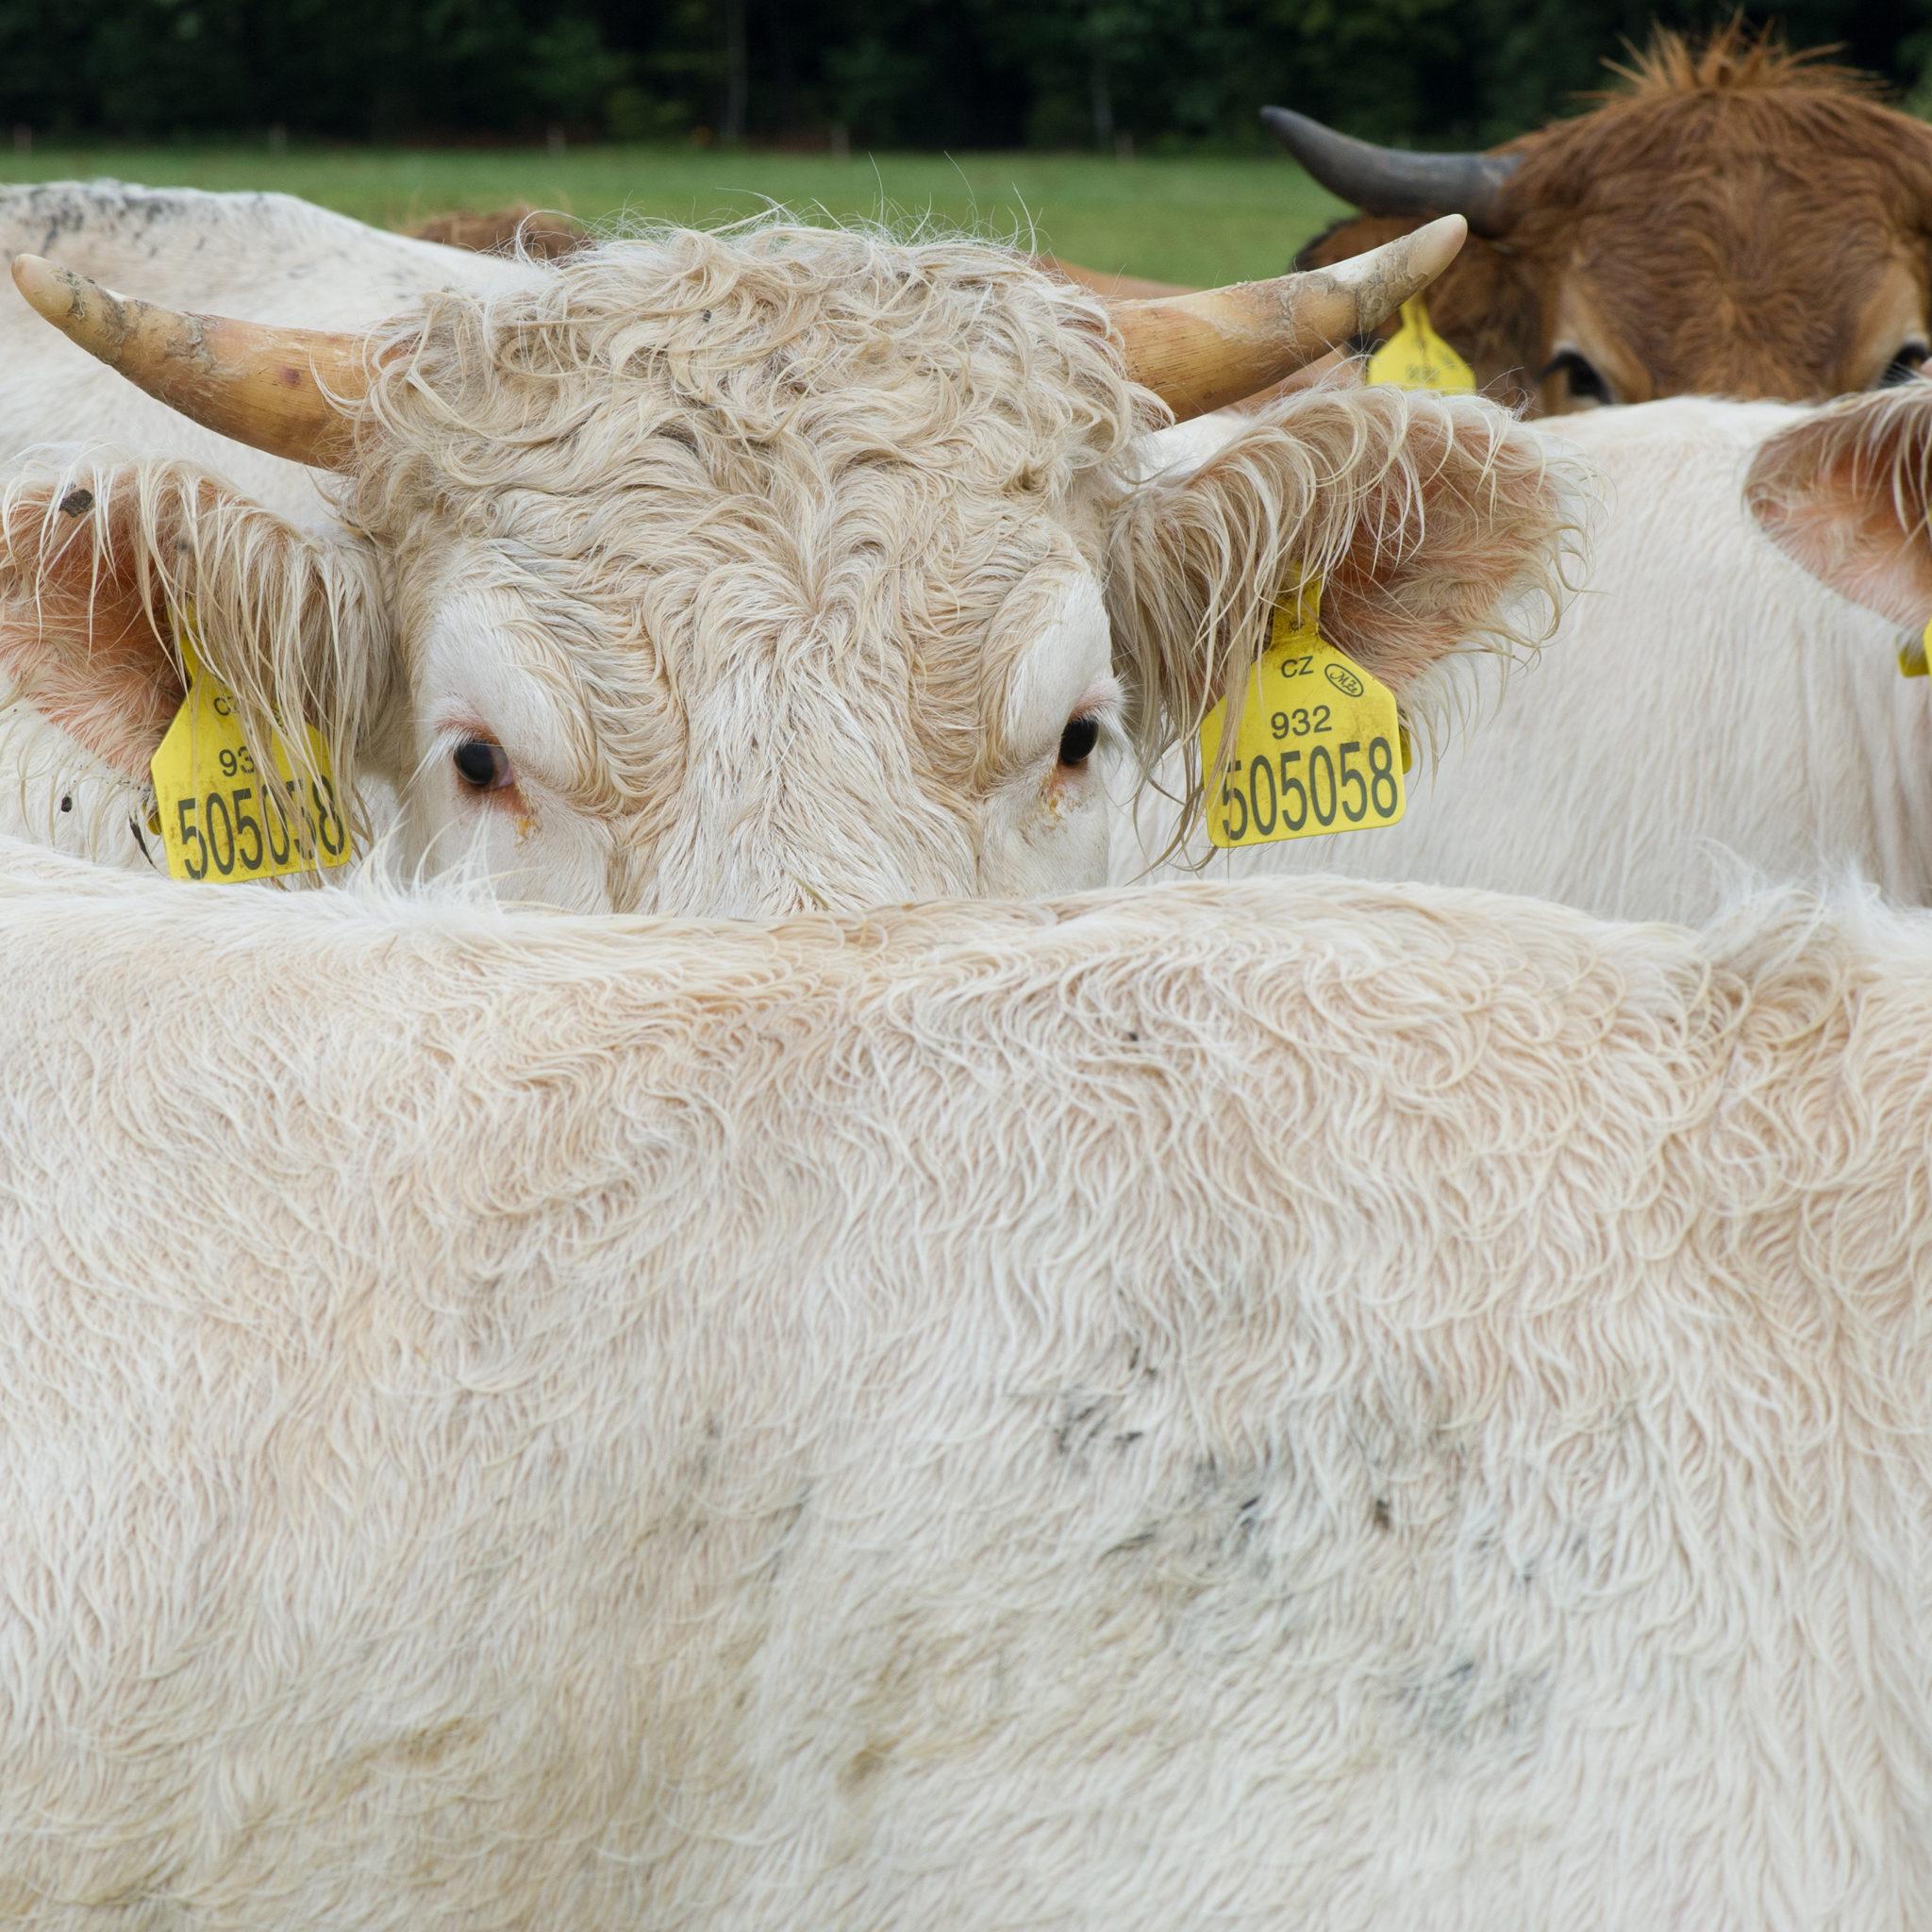 Biohotel Lindengut Dipperz nachhaltige Tierhaltung